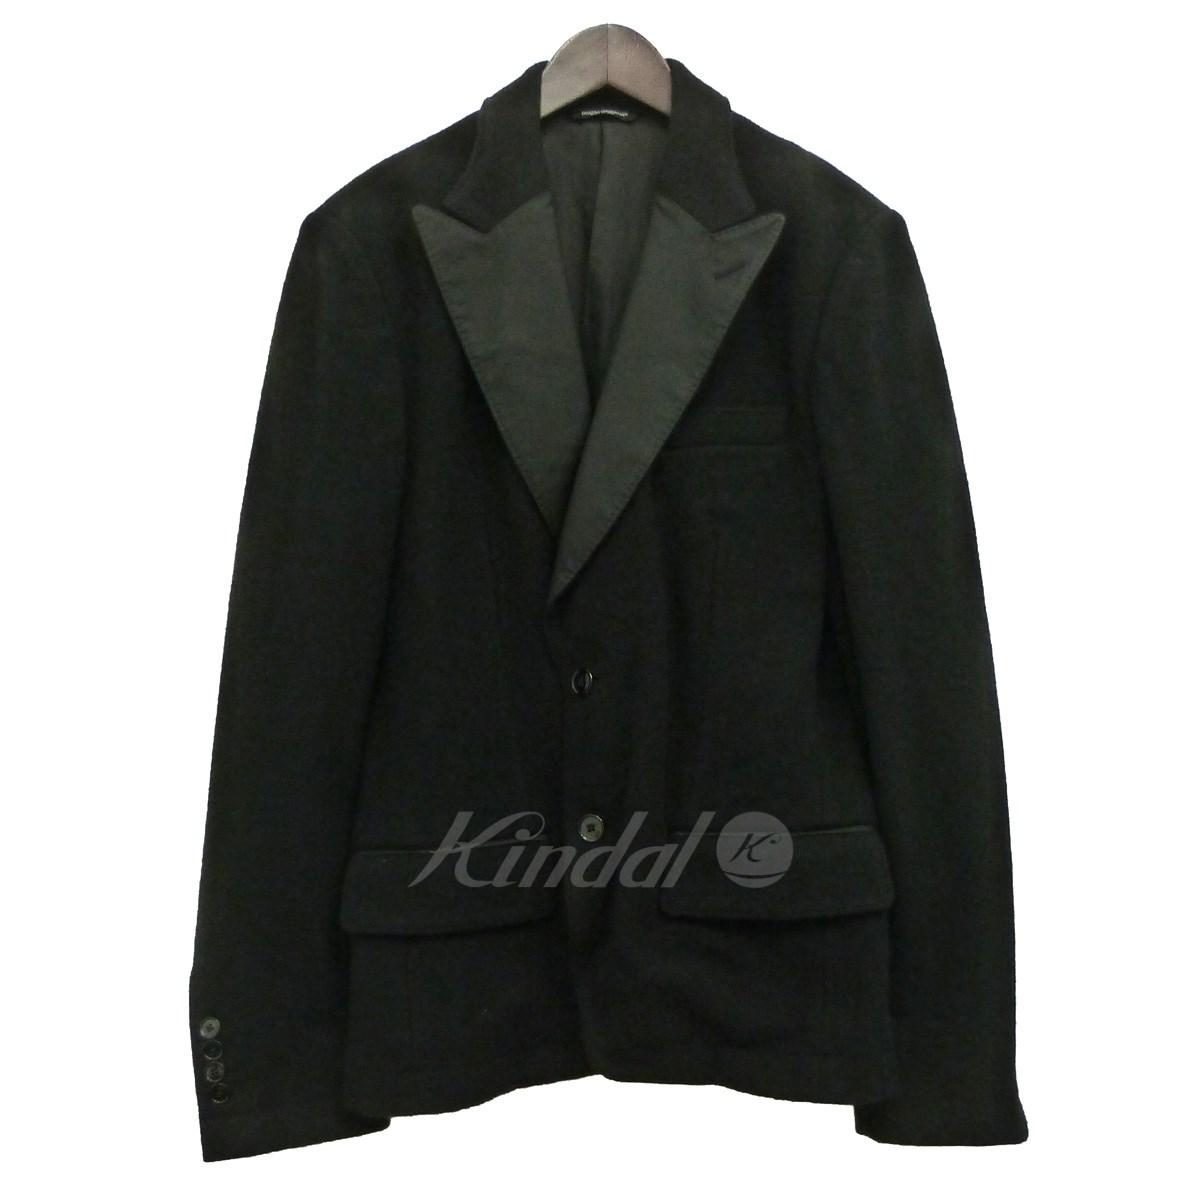 【中古】DOLCE&GABBANA ピークドラペル2Bジャケット ブラック サイズ:44 【送料無料】 【201018】(ドルチェアンドガッバーナ)